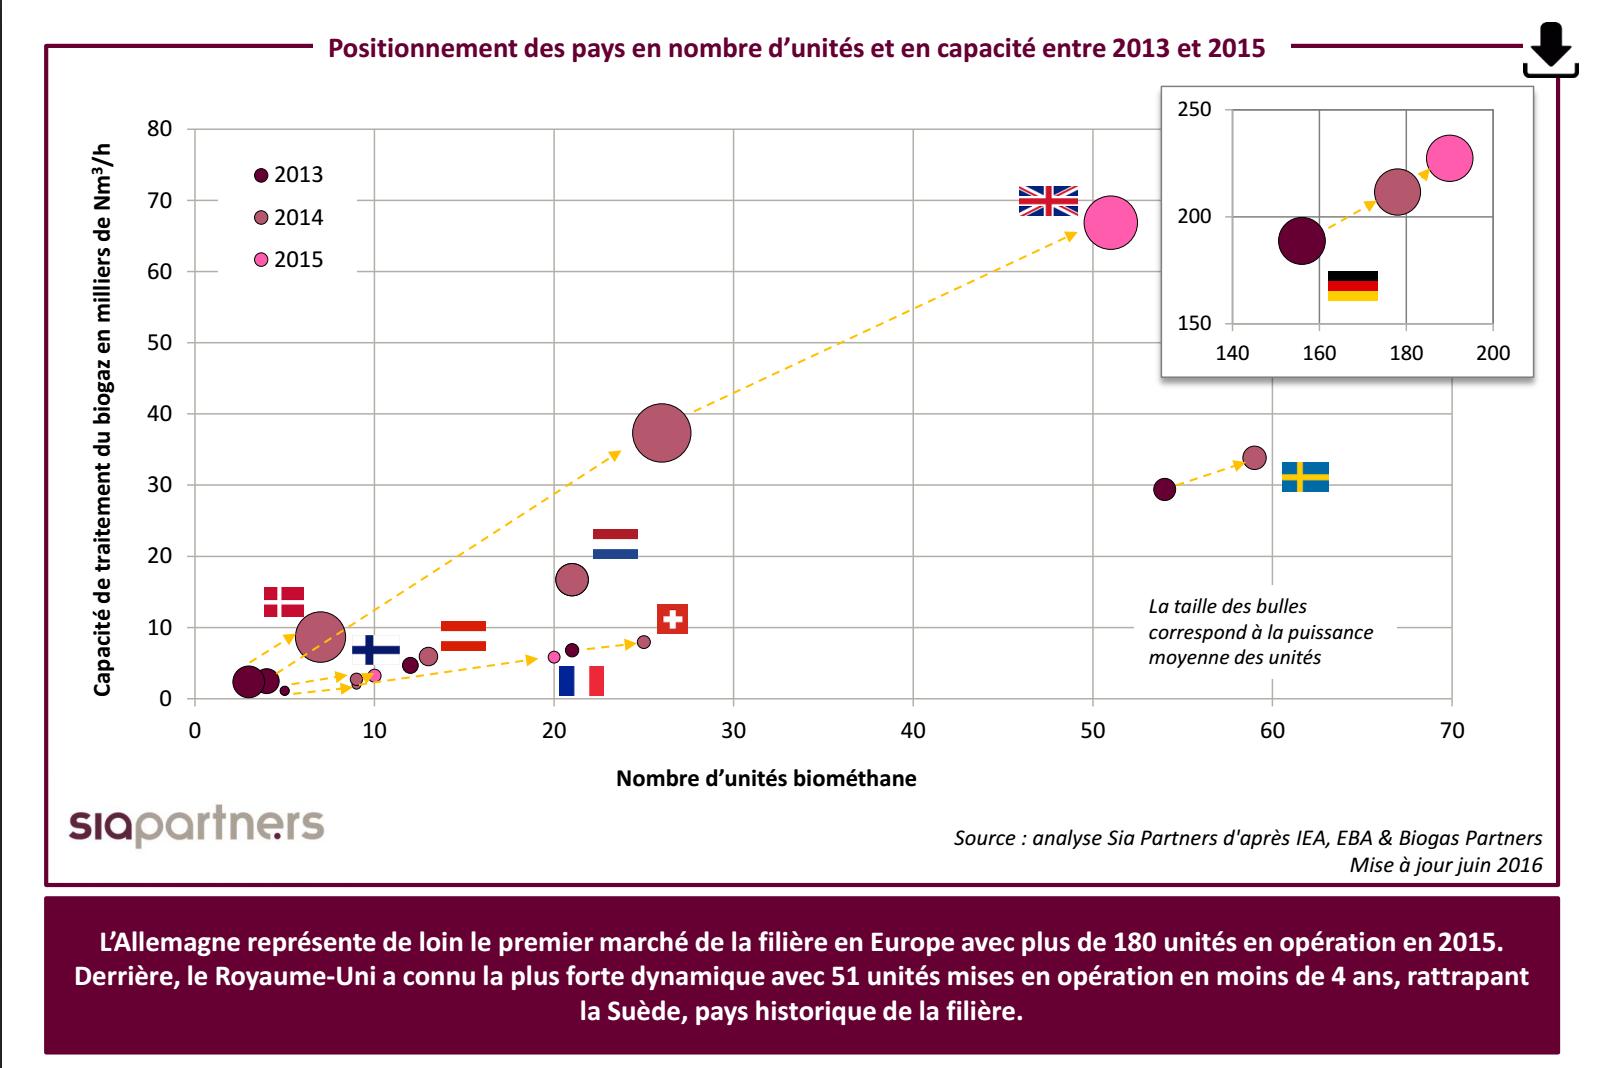 Positionnement des pays en nombre d'unités et en capacité entre 2013 et 2015